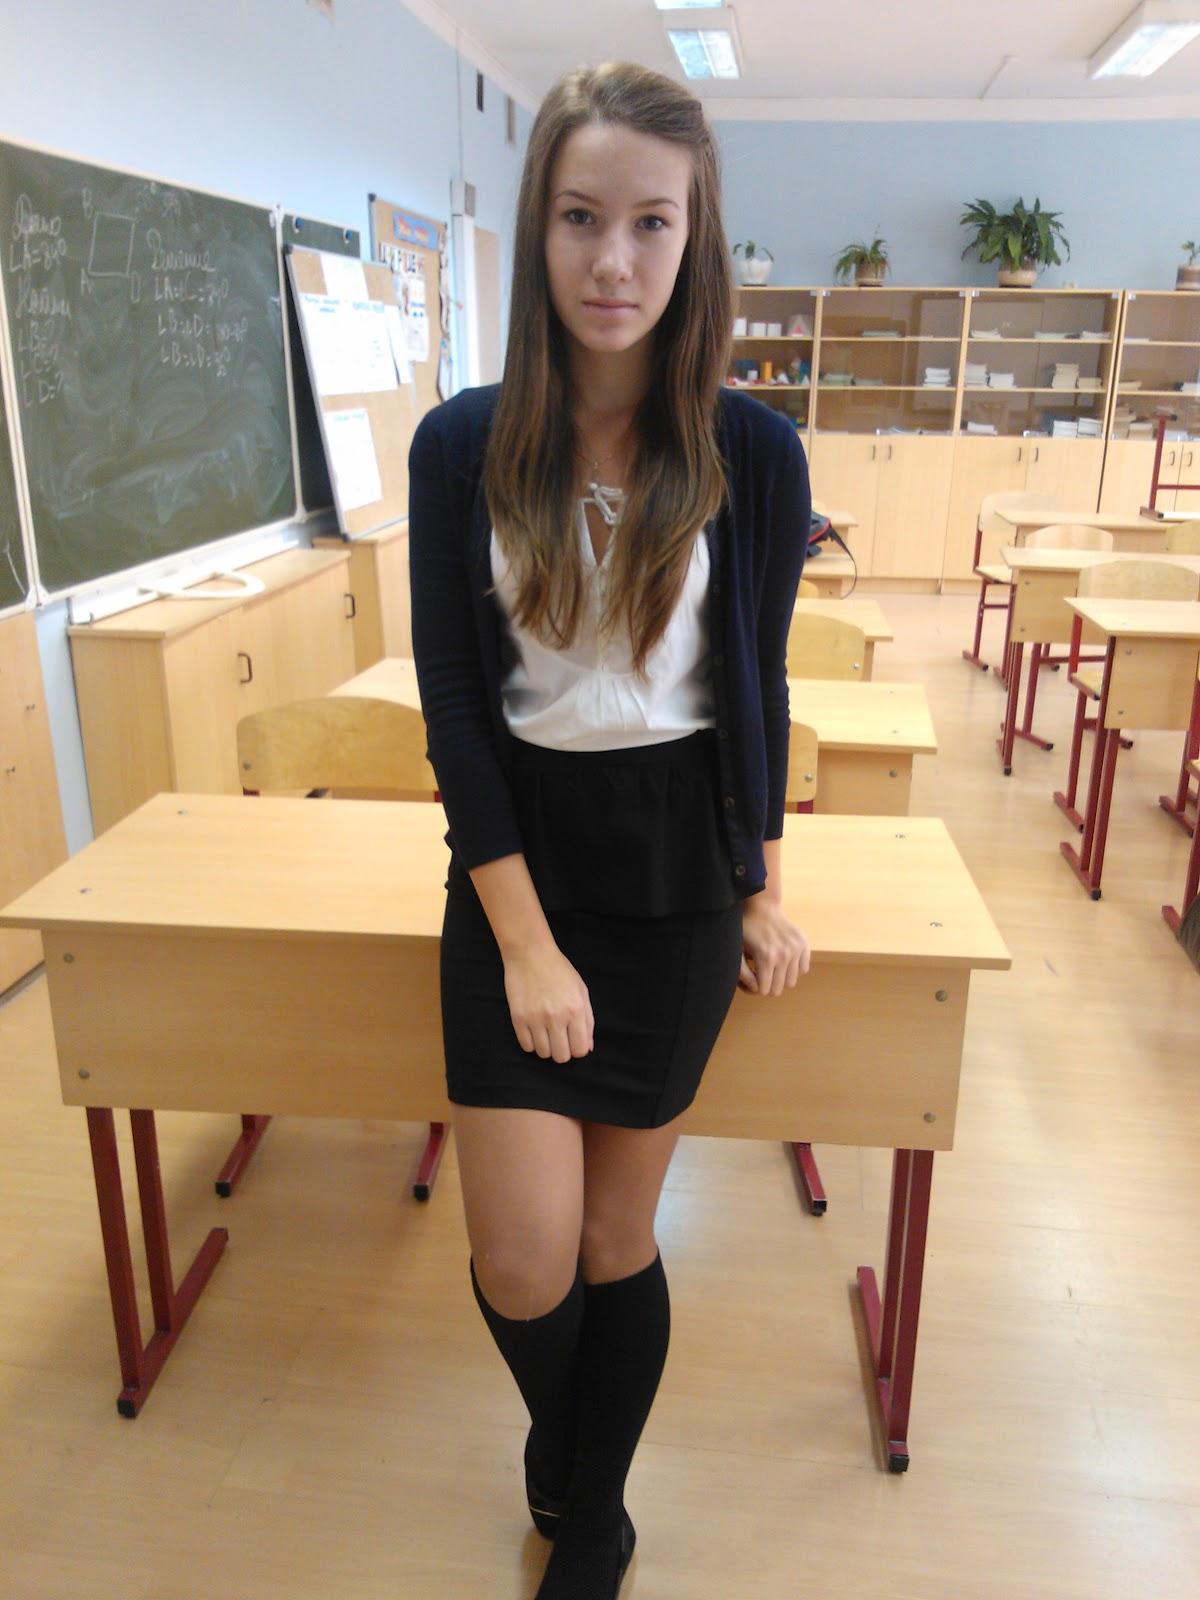 Учителя фото под юбкой 16 фотография